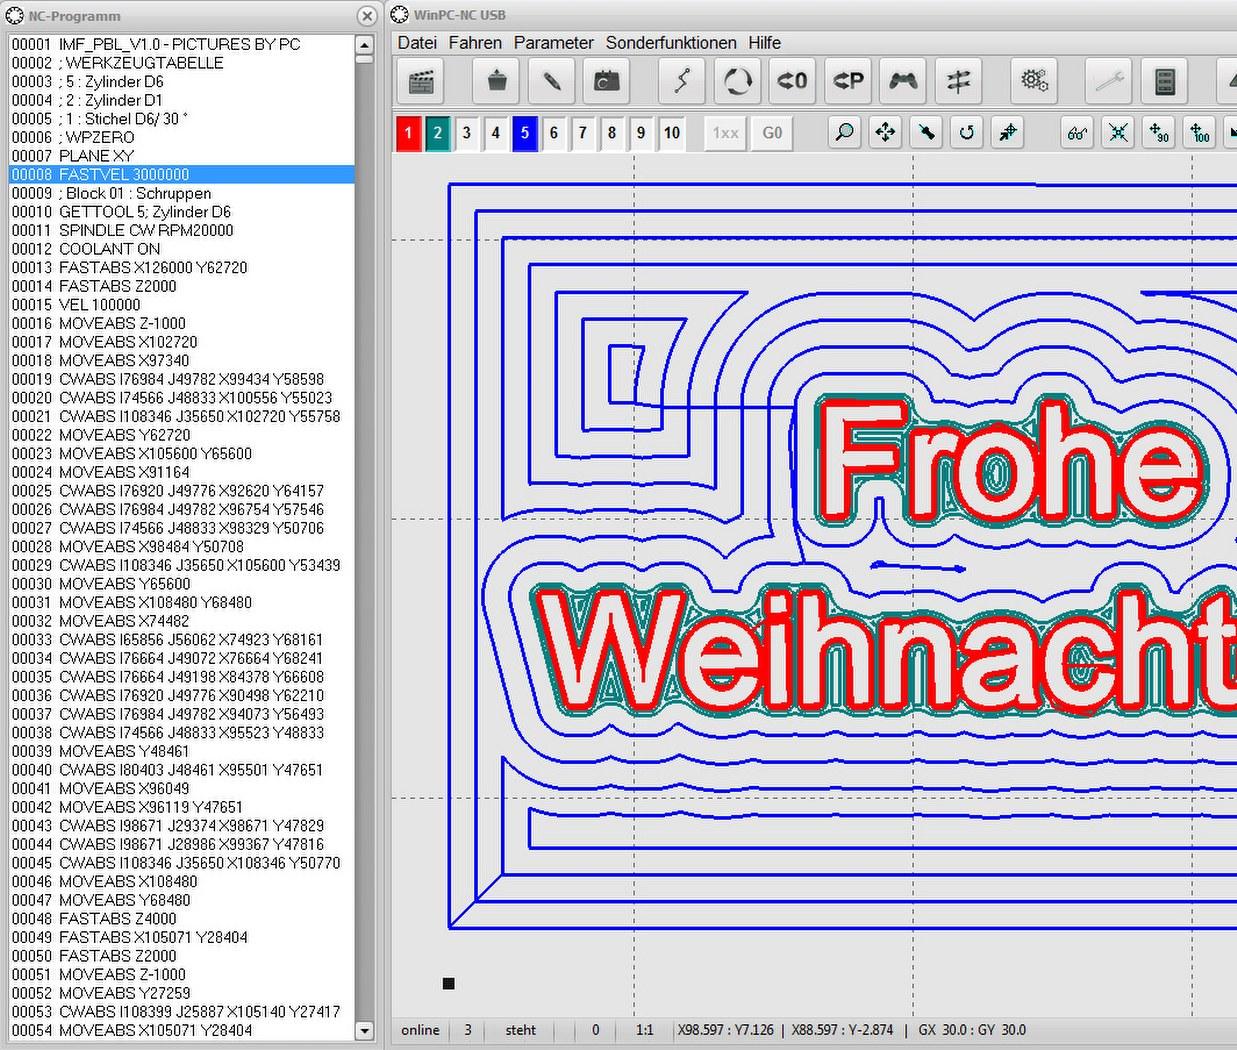 WinPC-NC Professional mit Achscontroller im Standardgehäuse